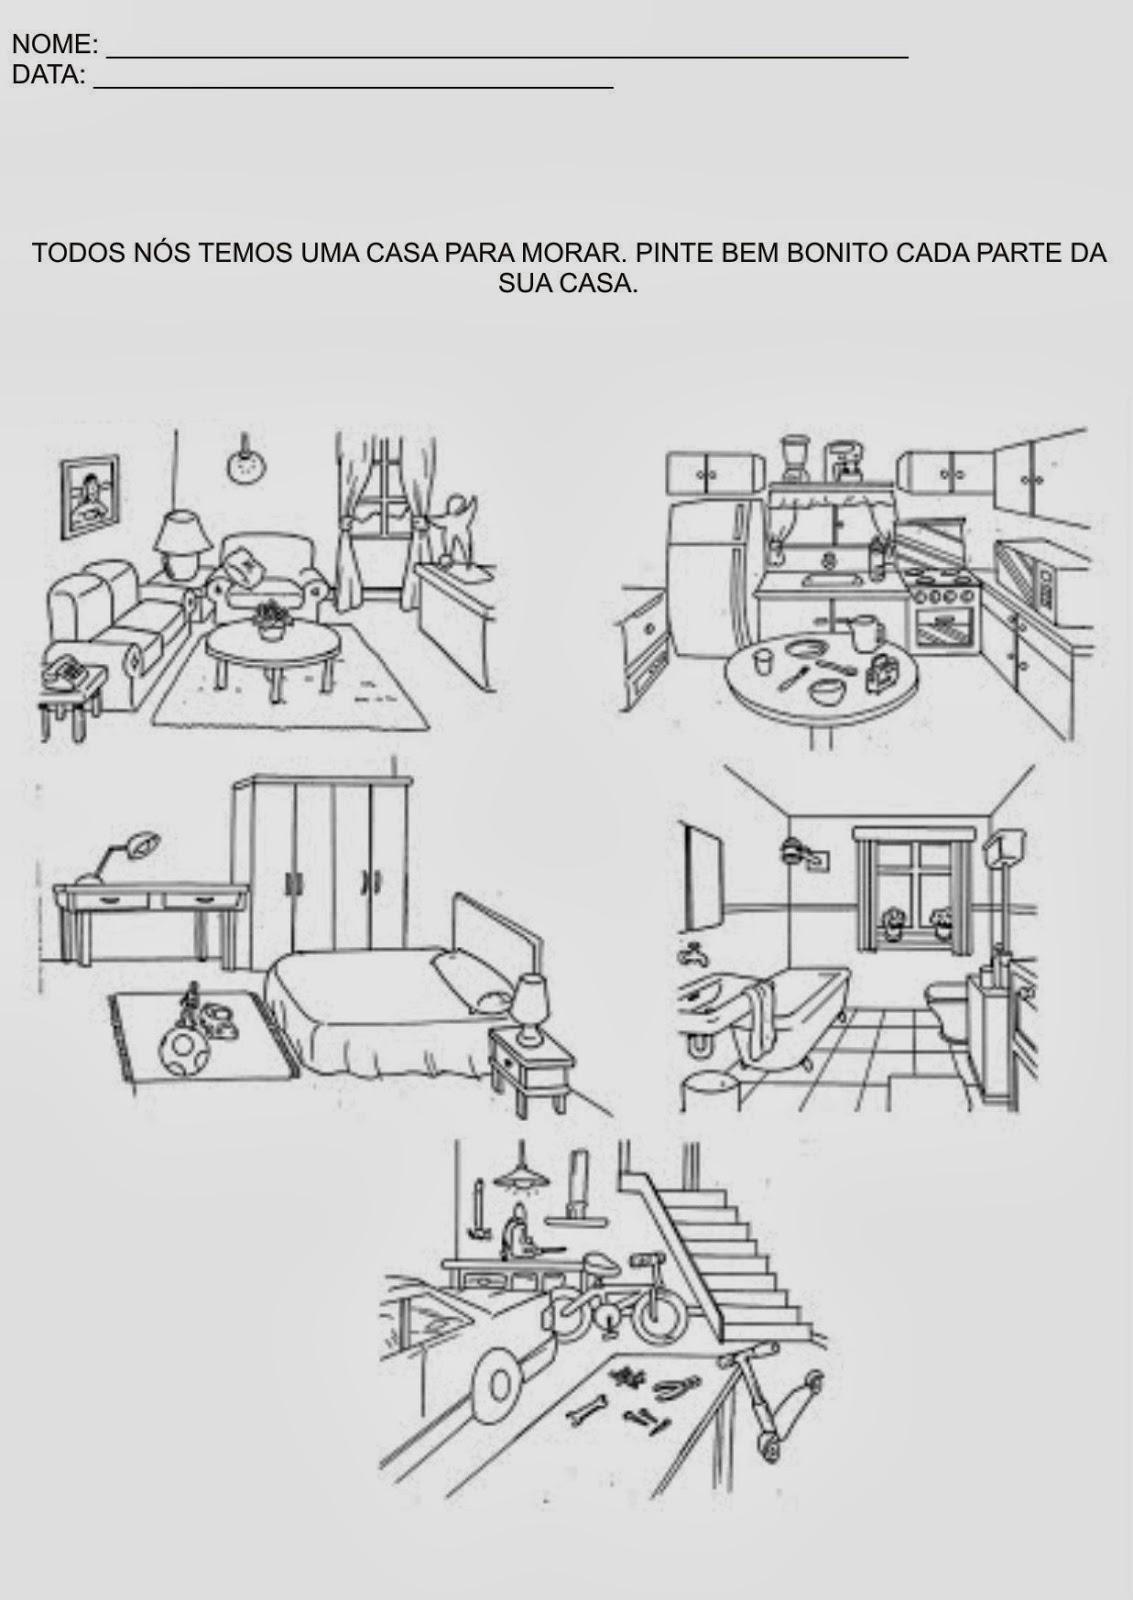 Atividades Educação Infantil - Pinte as partes da sua casa